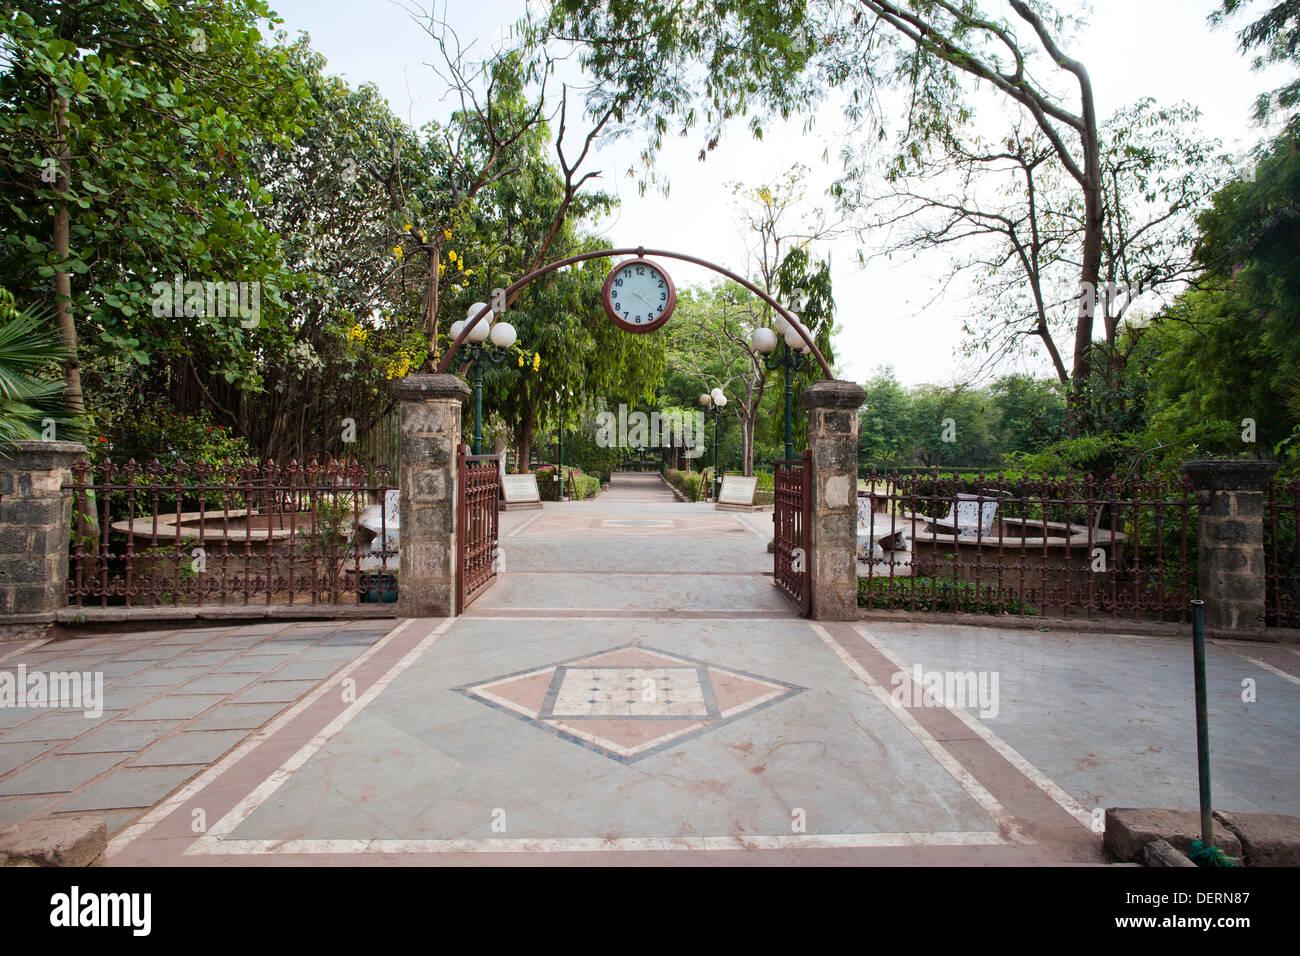 Entrance gate of a garden, Law Garden, Ahmedabad, Gujarat, India Stock Photo